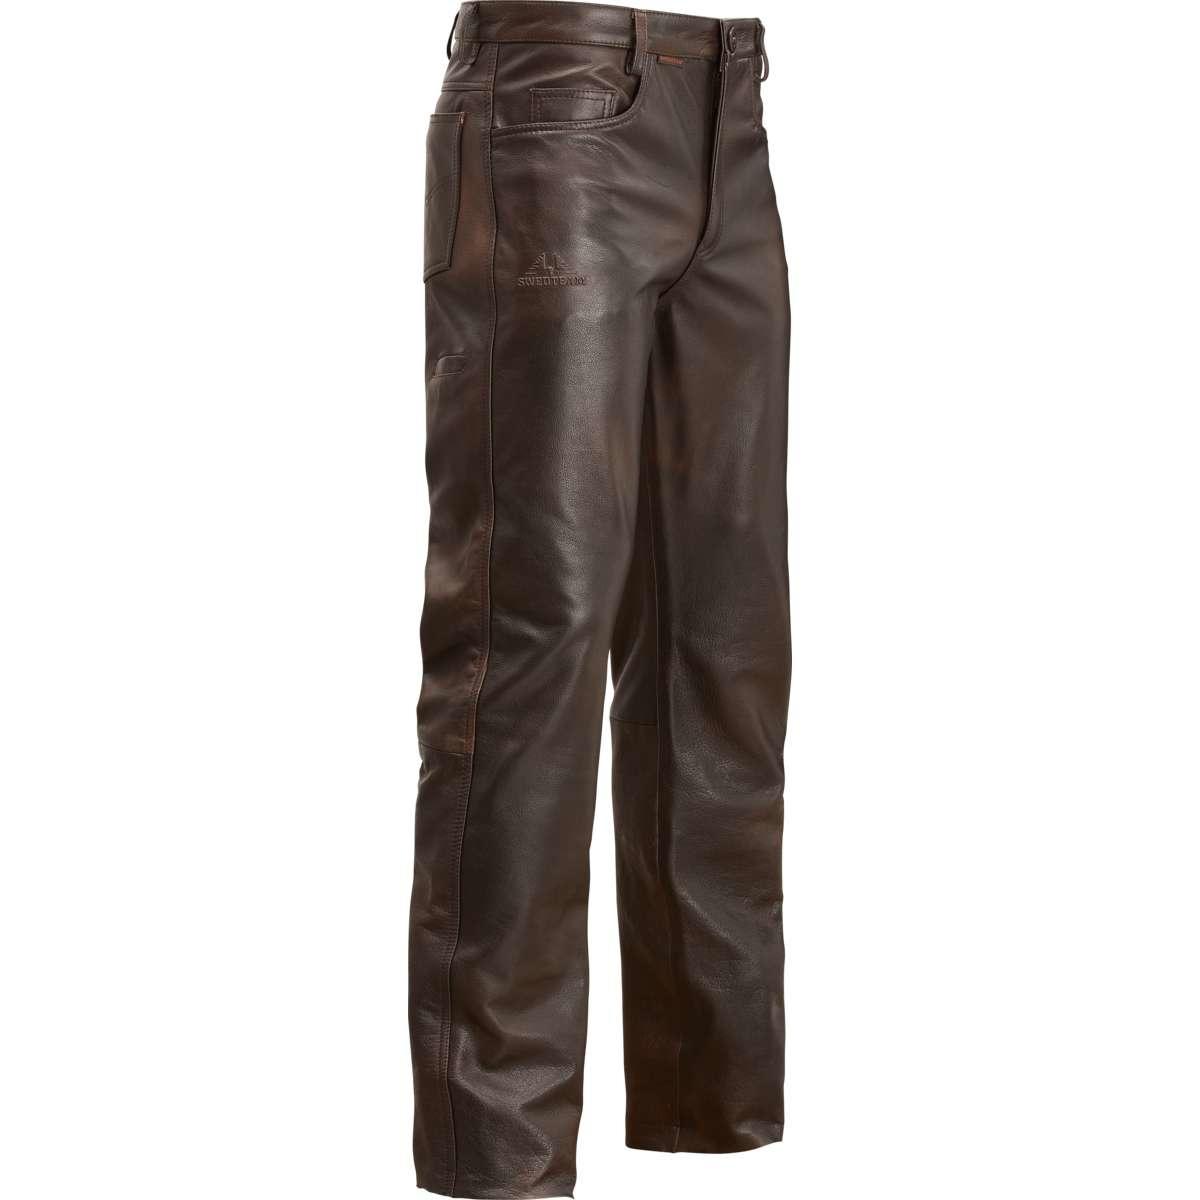 Swedteam Bull Jeans M